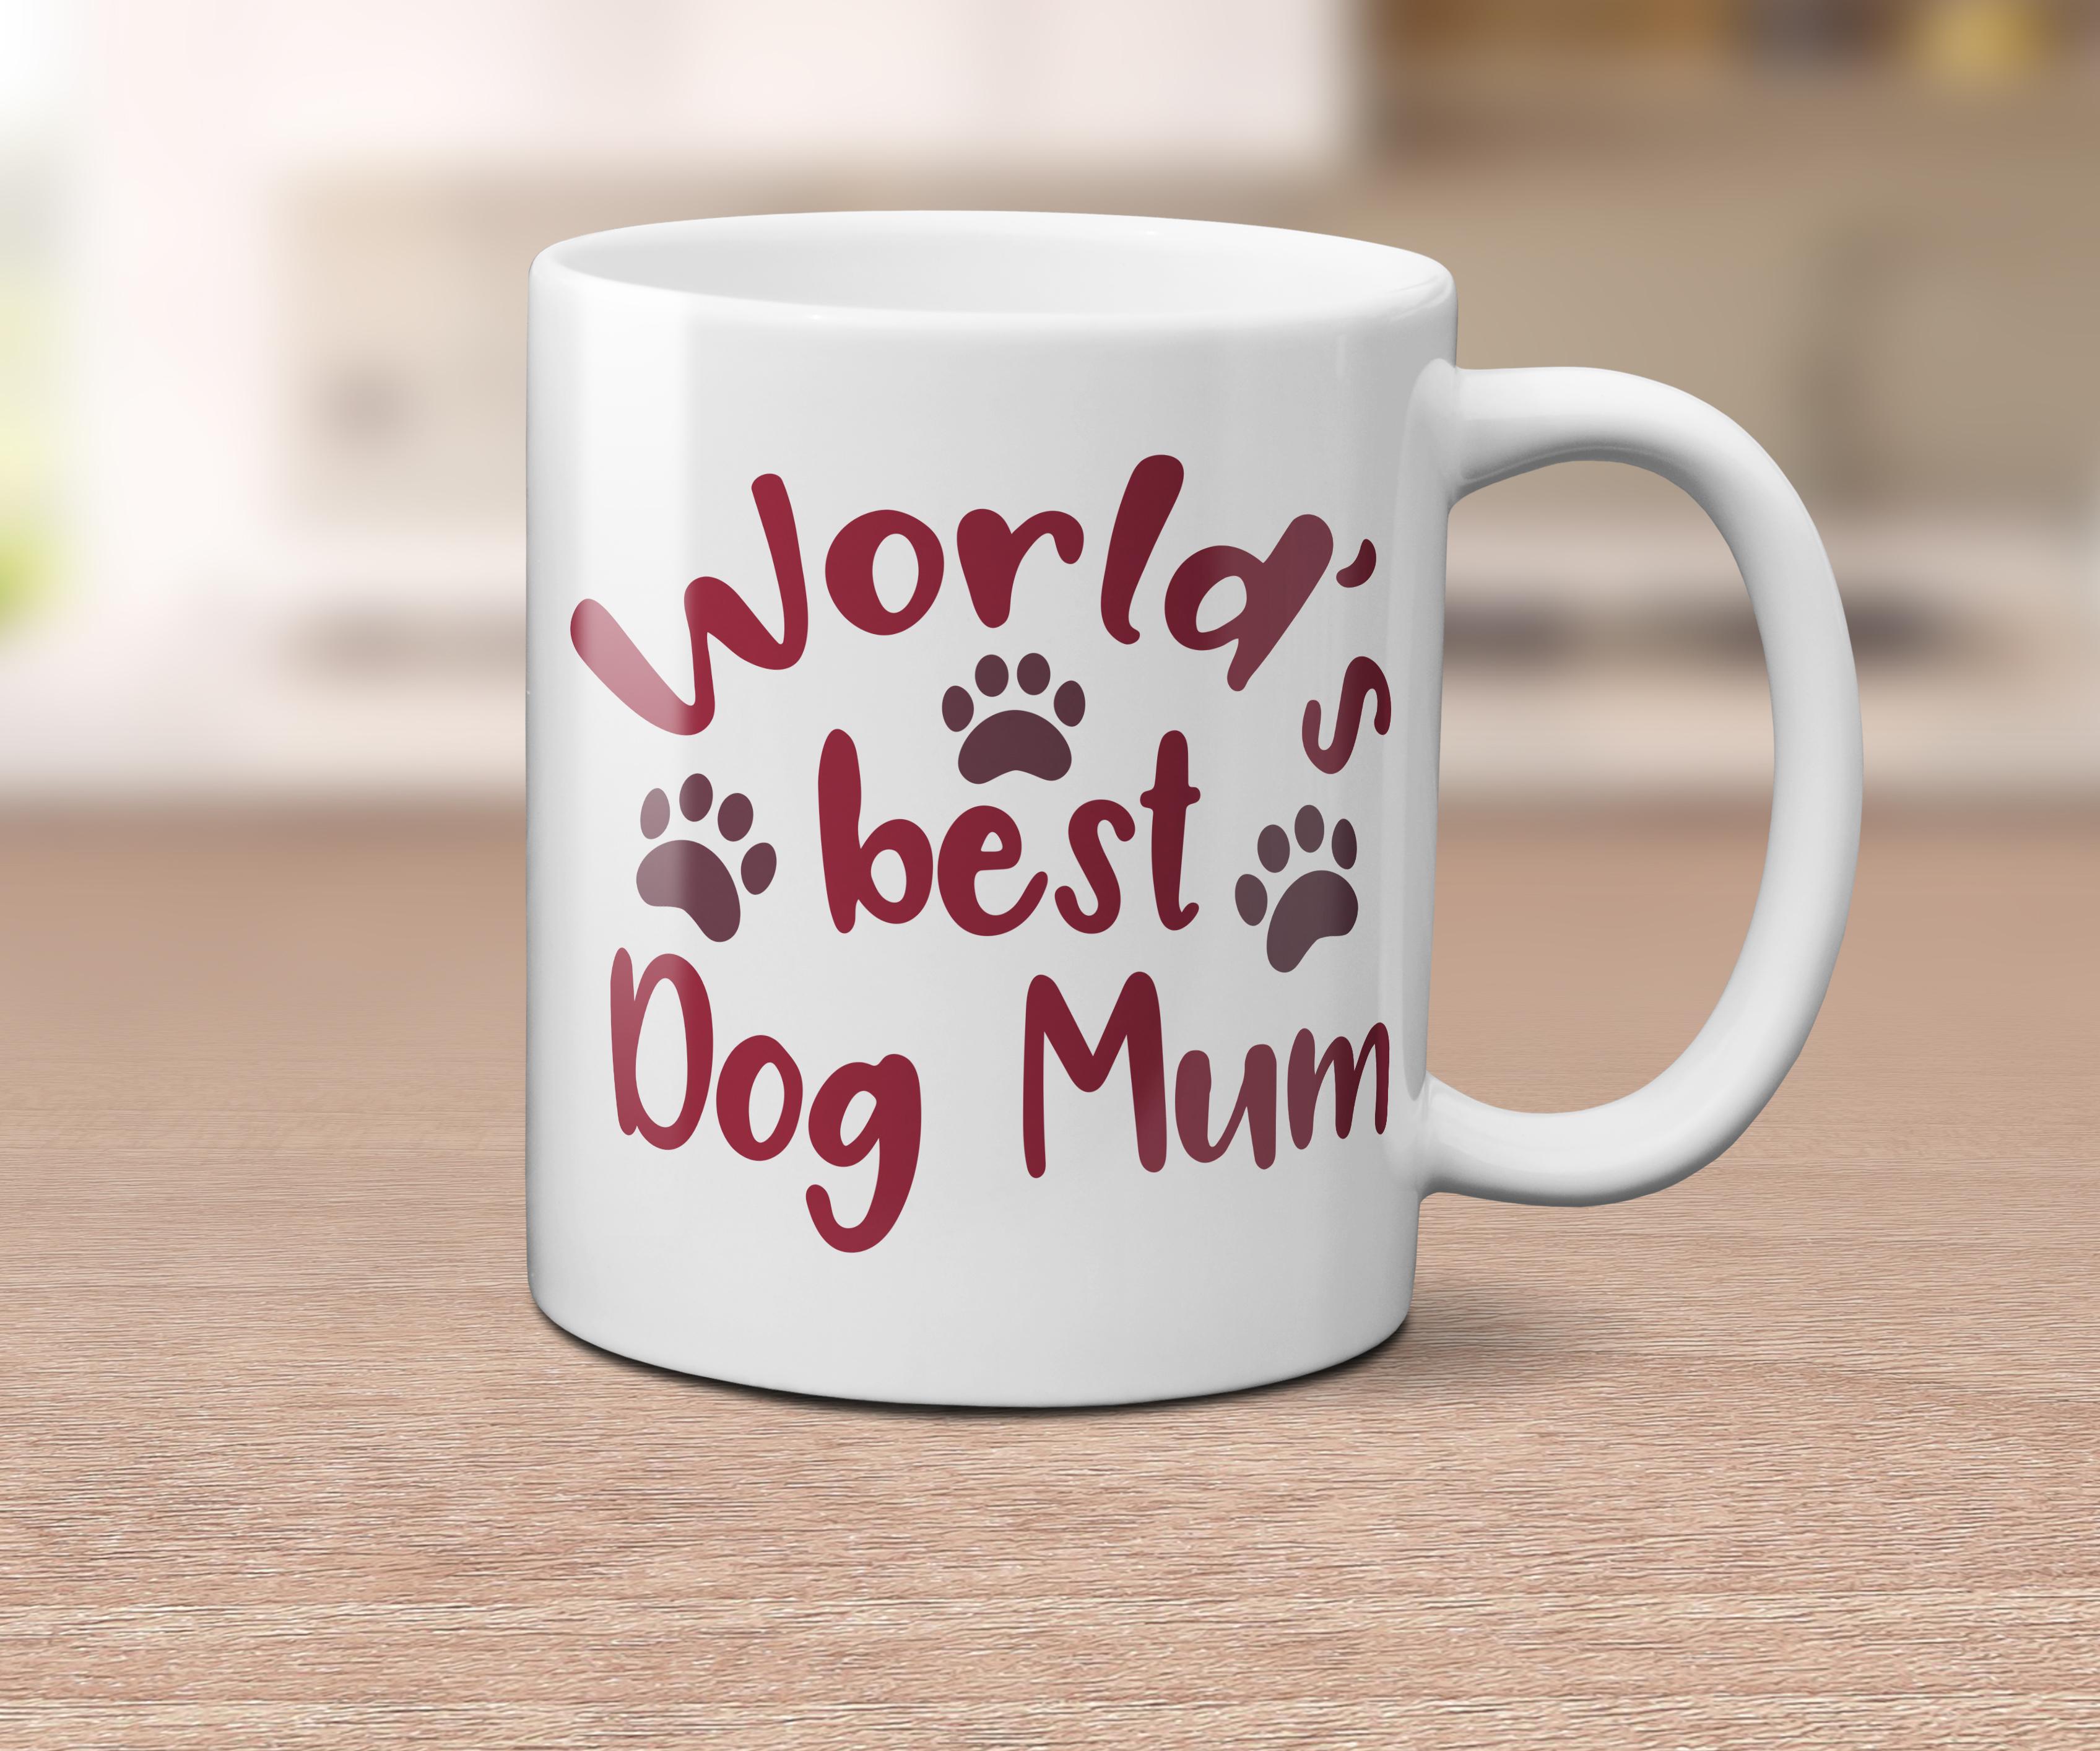 World's Best Dog Mom / Mum example image 2